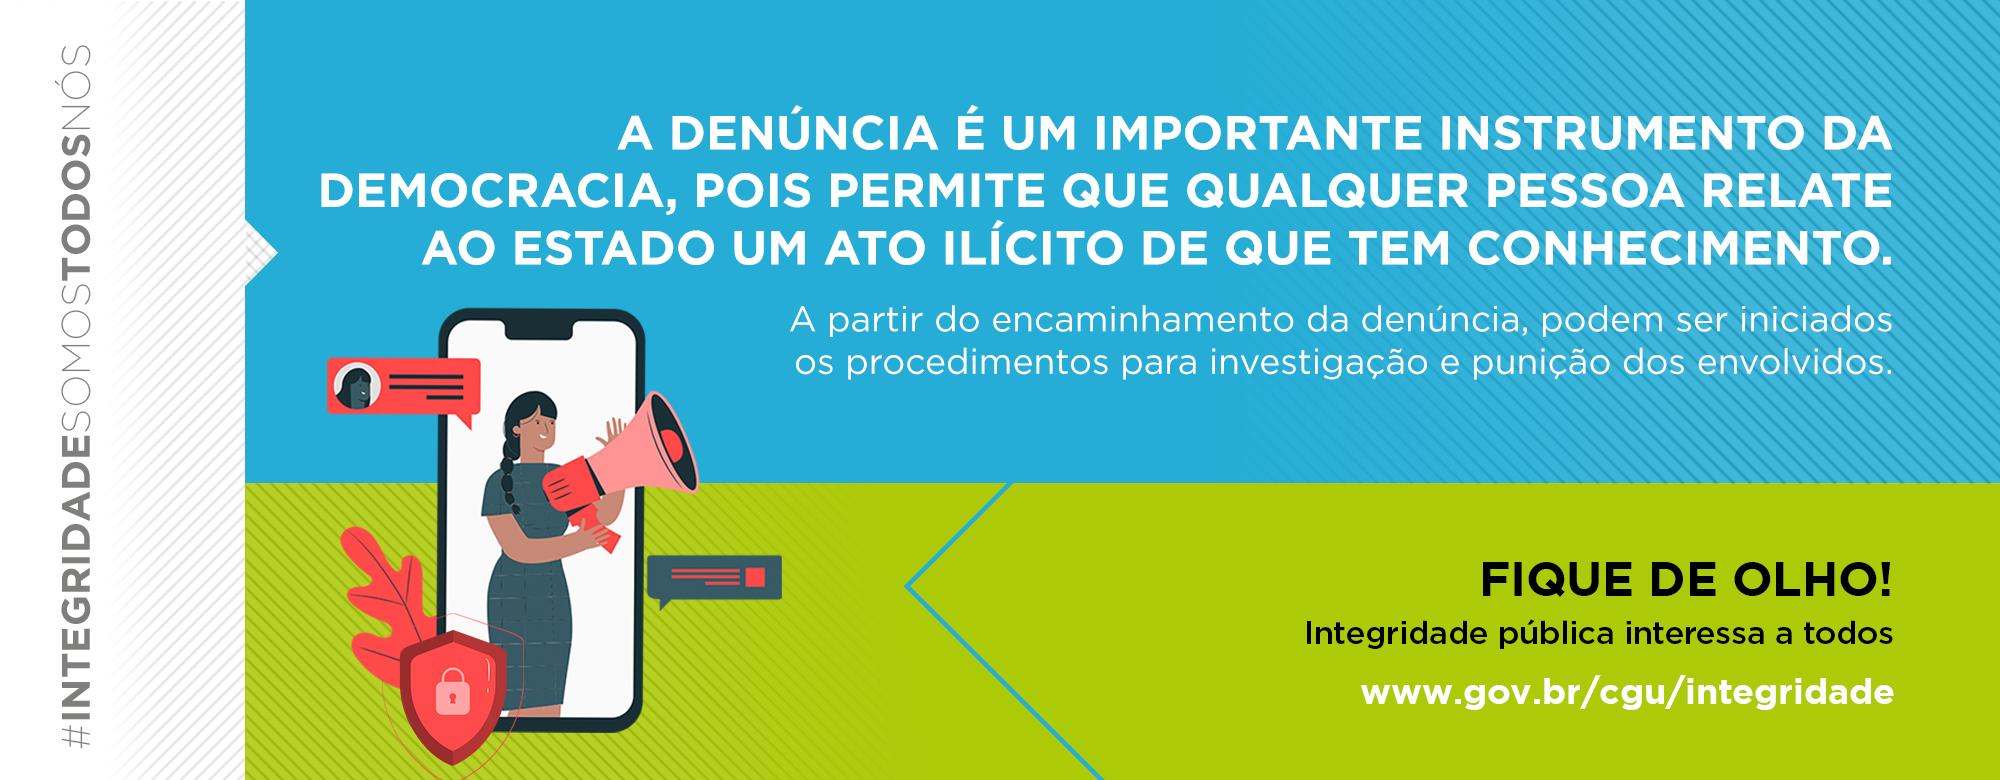 Integridade no Governo Federal: CGU aborda denúncias e proteção ao denunciante na campanha deste mês